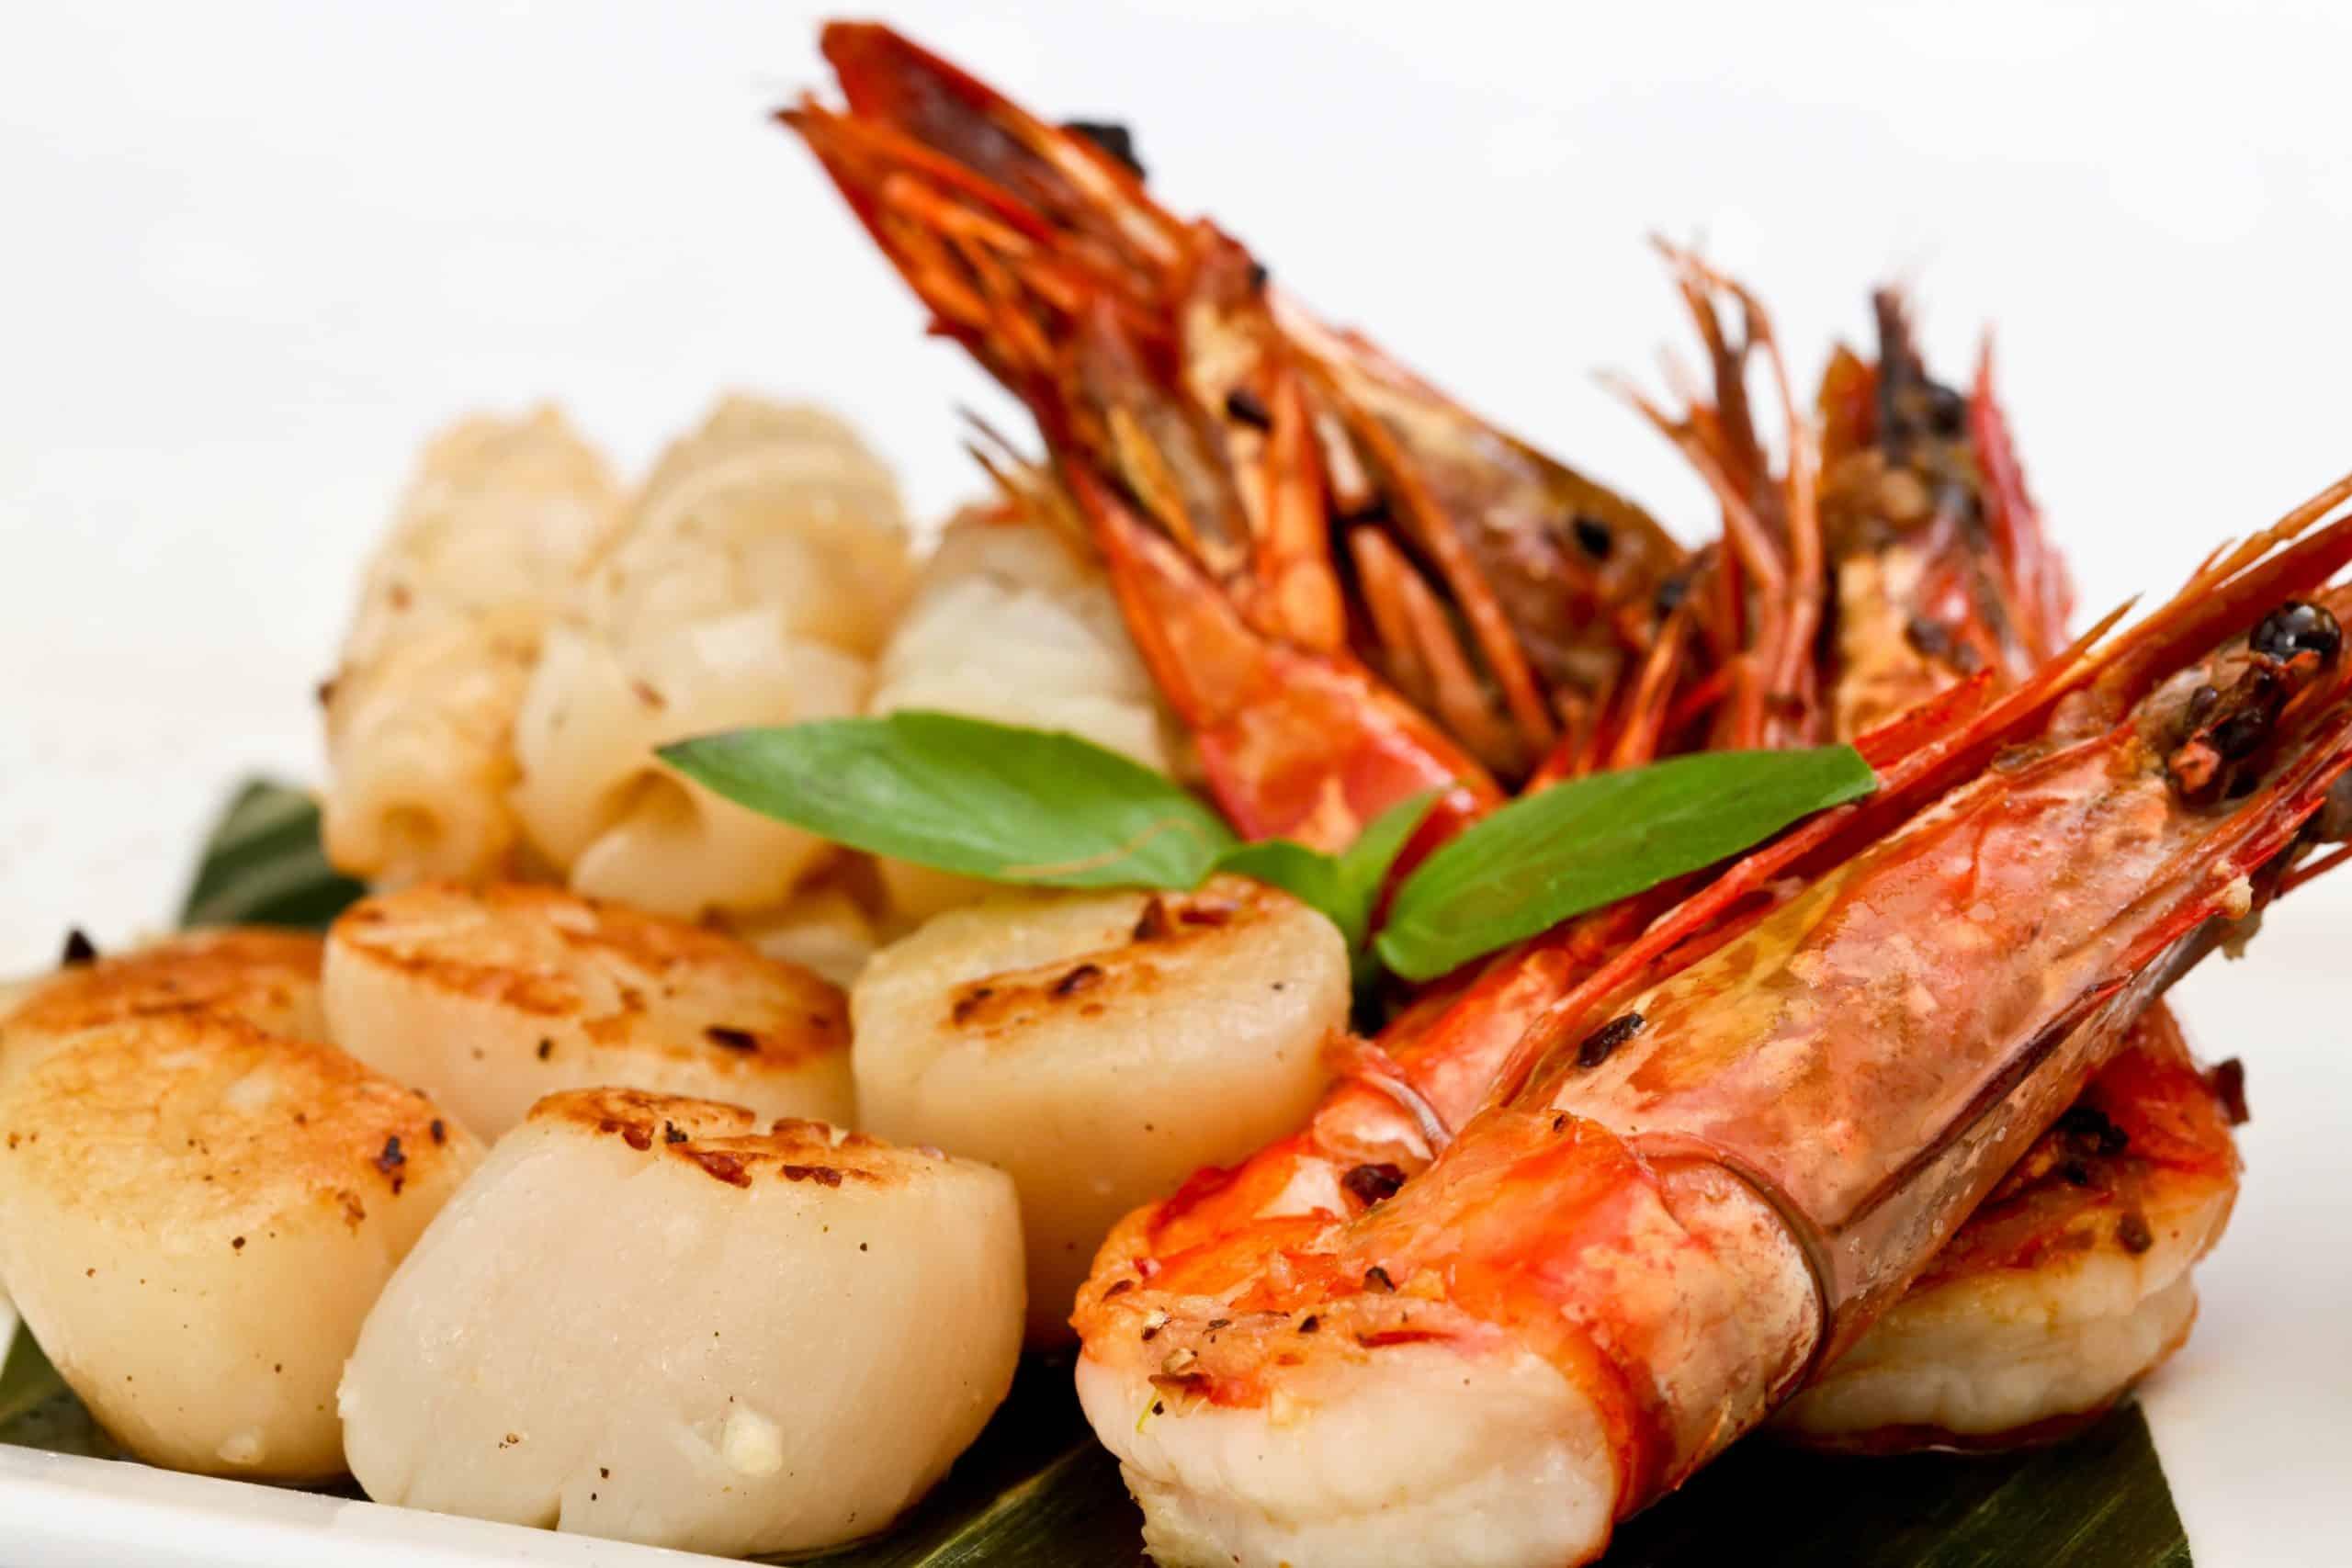 seafood-salad-5616x3744-shrimp-scallop-greens-738